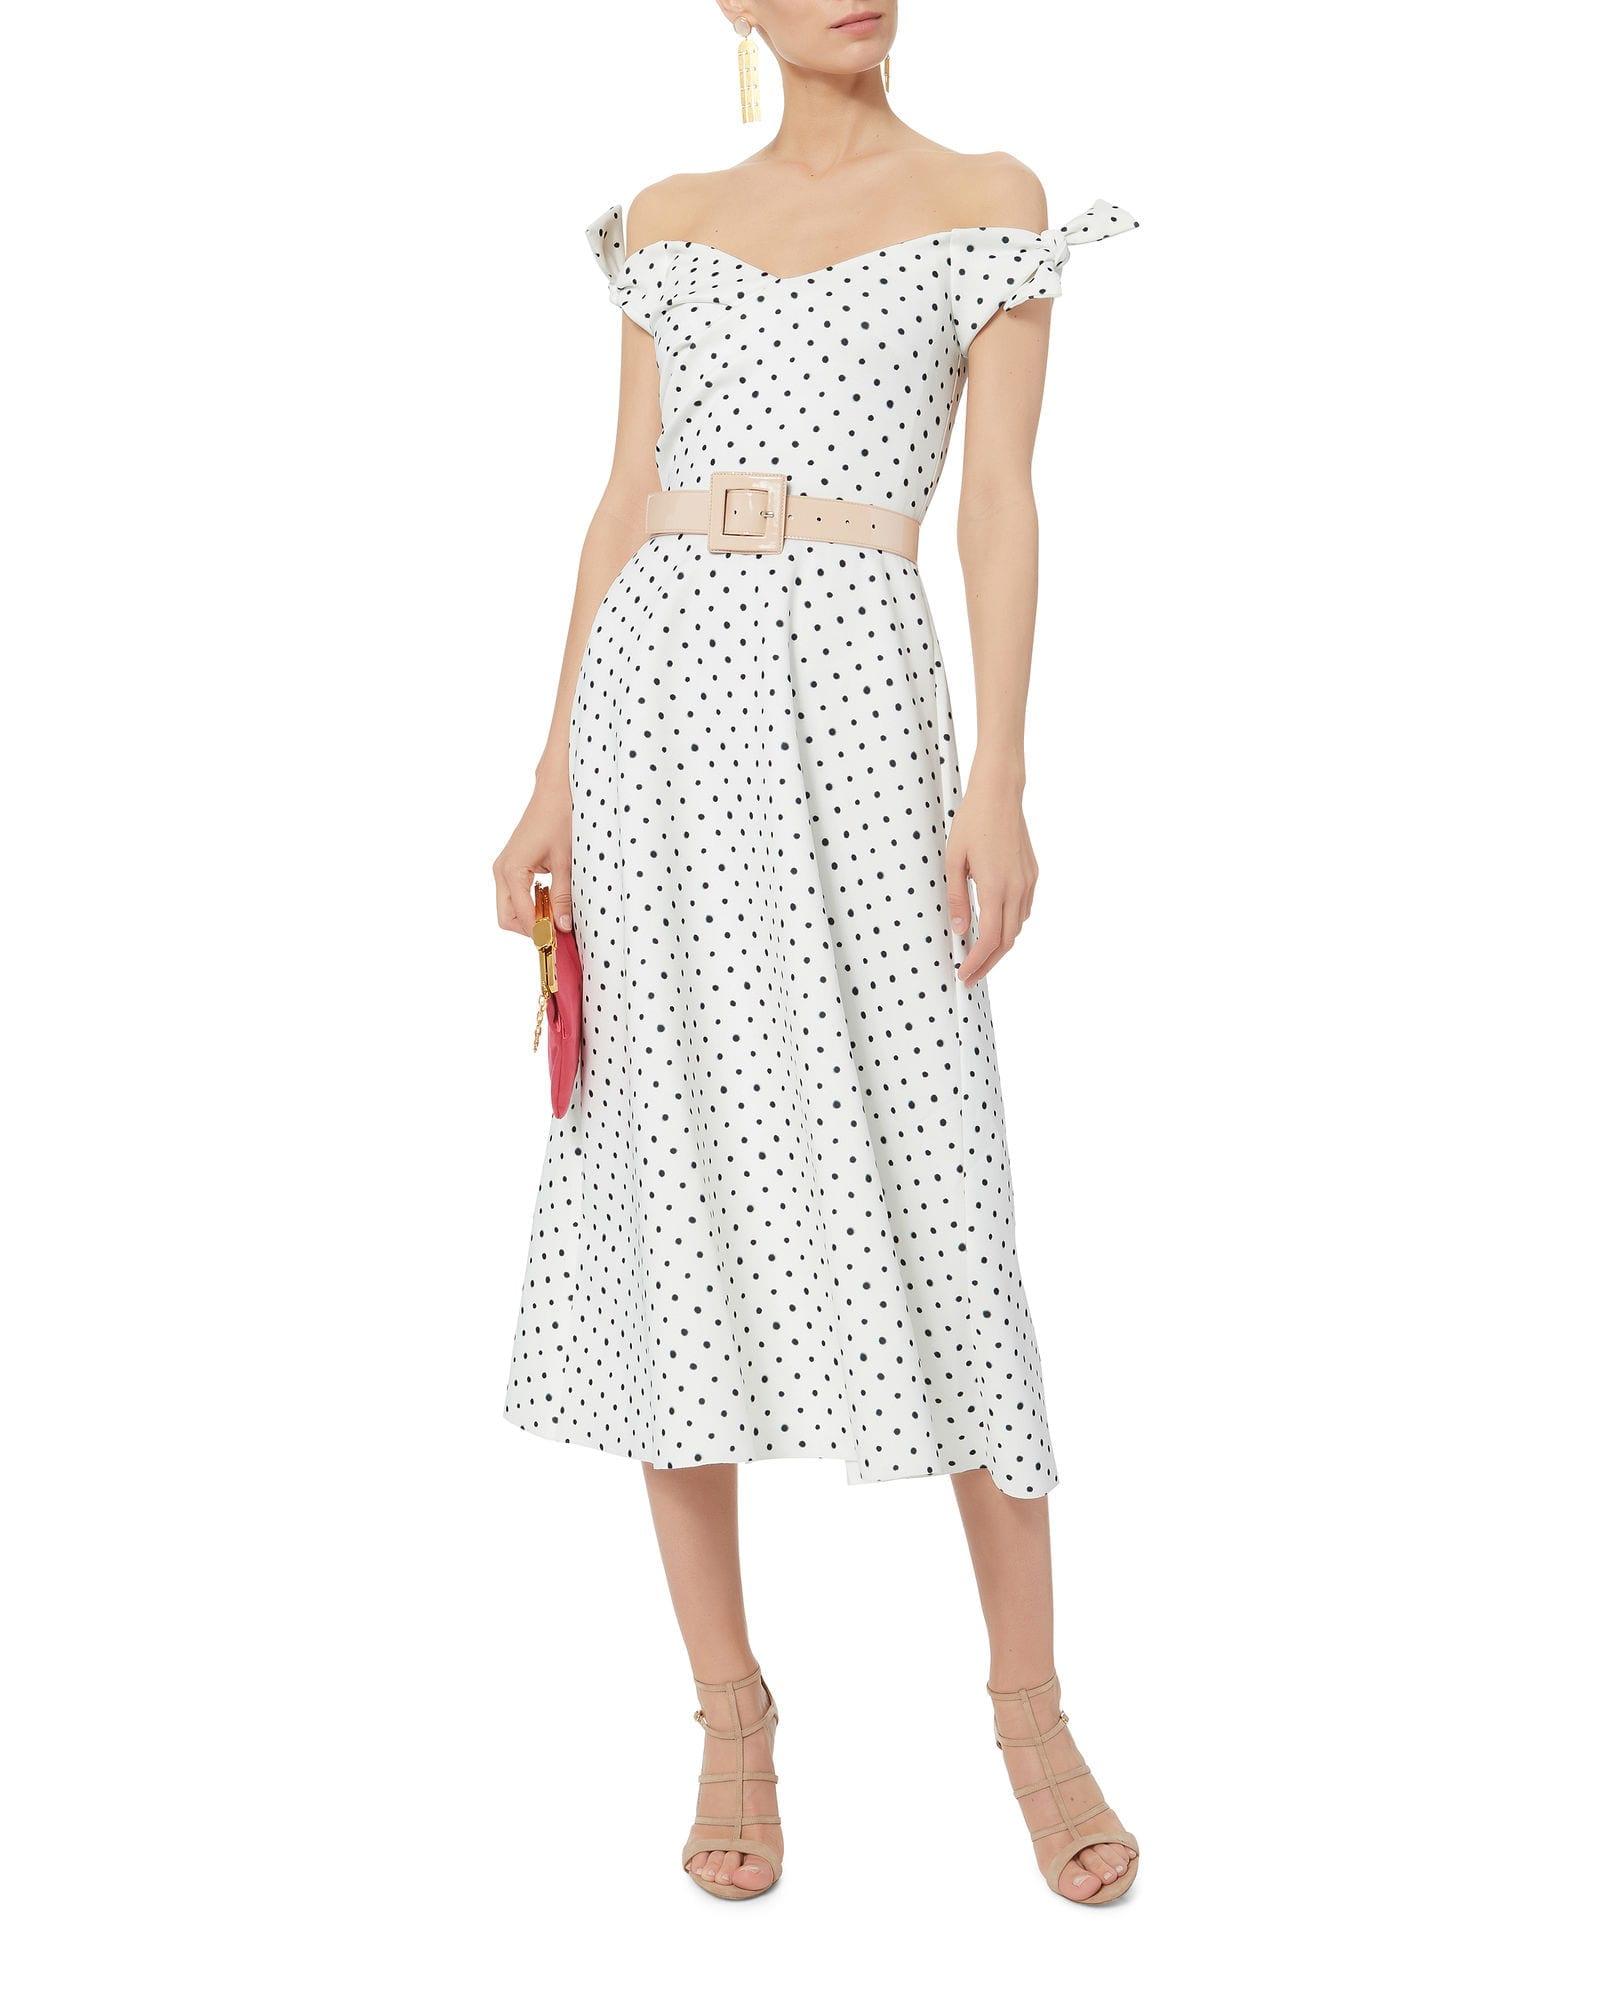 SALONI Ruth Polka Dot Midi White Dress